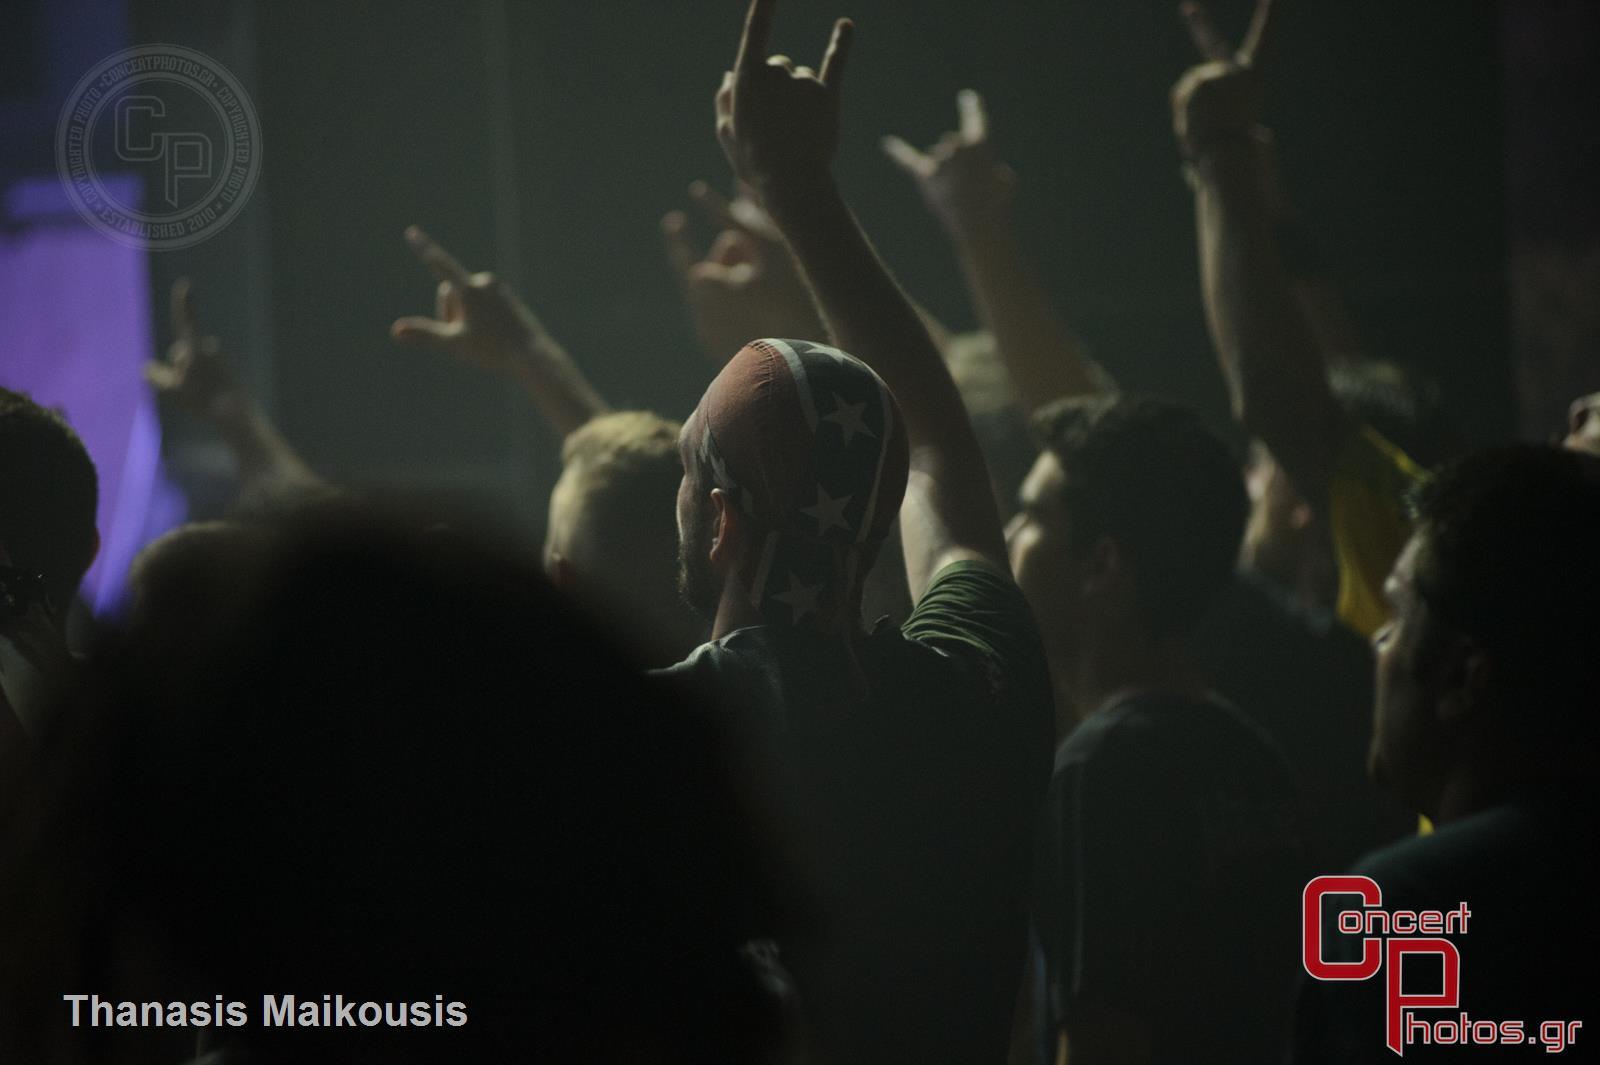 Sepultura-Sepultira photographer: Thanasis Maikousis - concertphotos_20140703_23_05_13